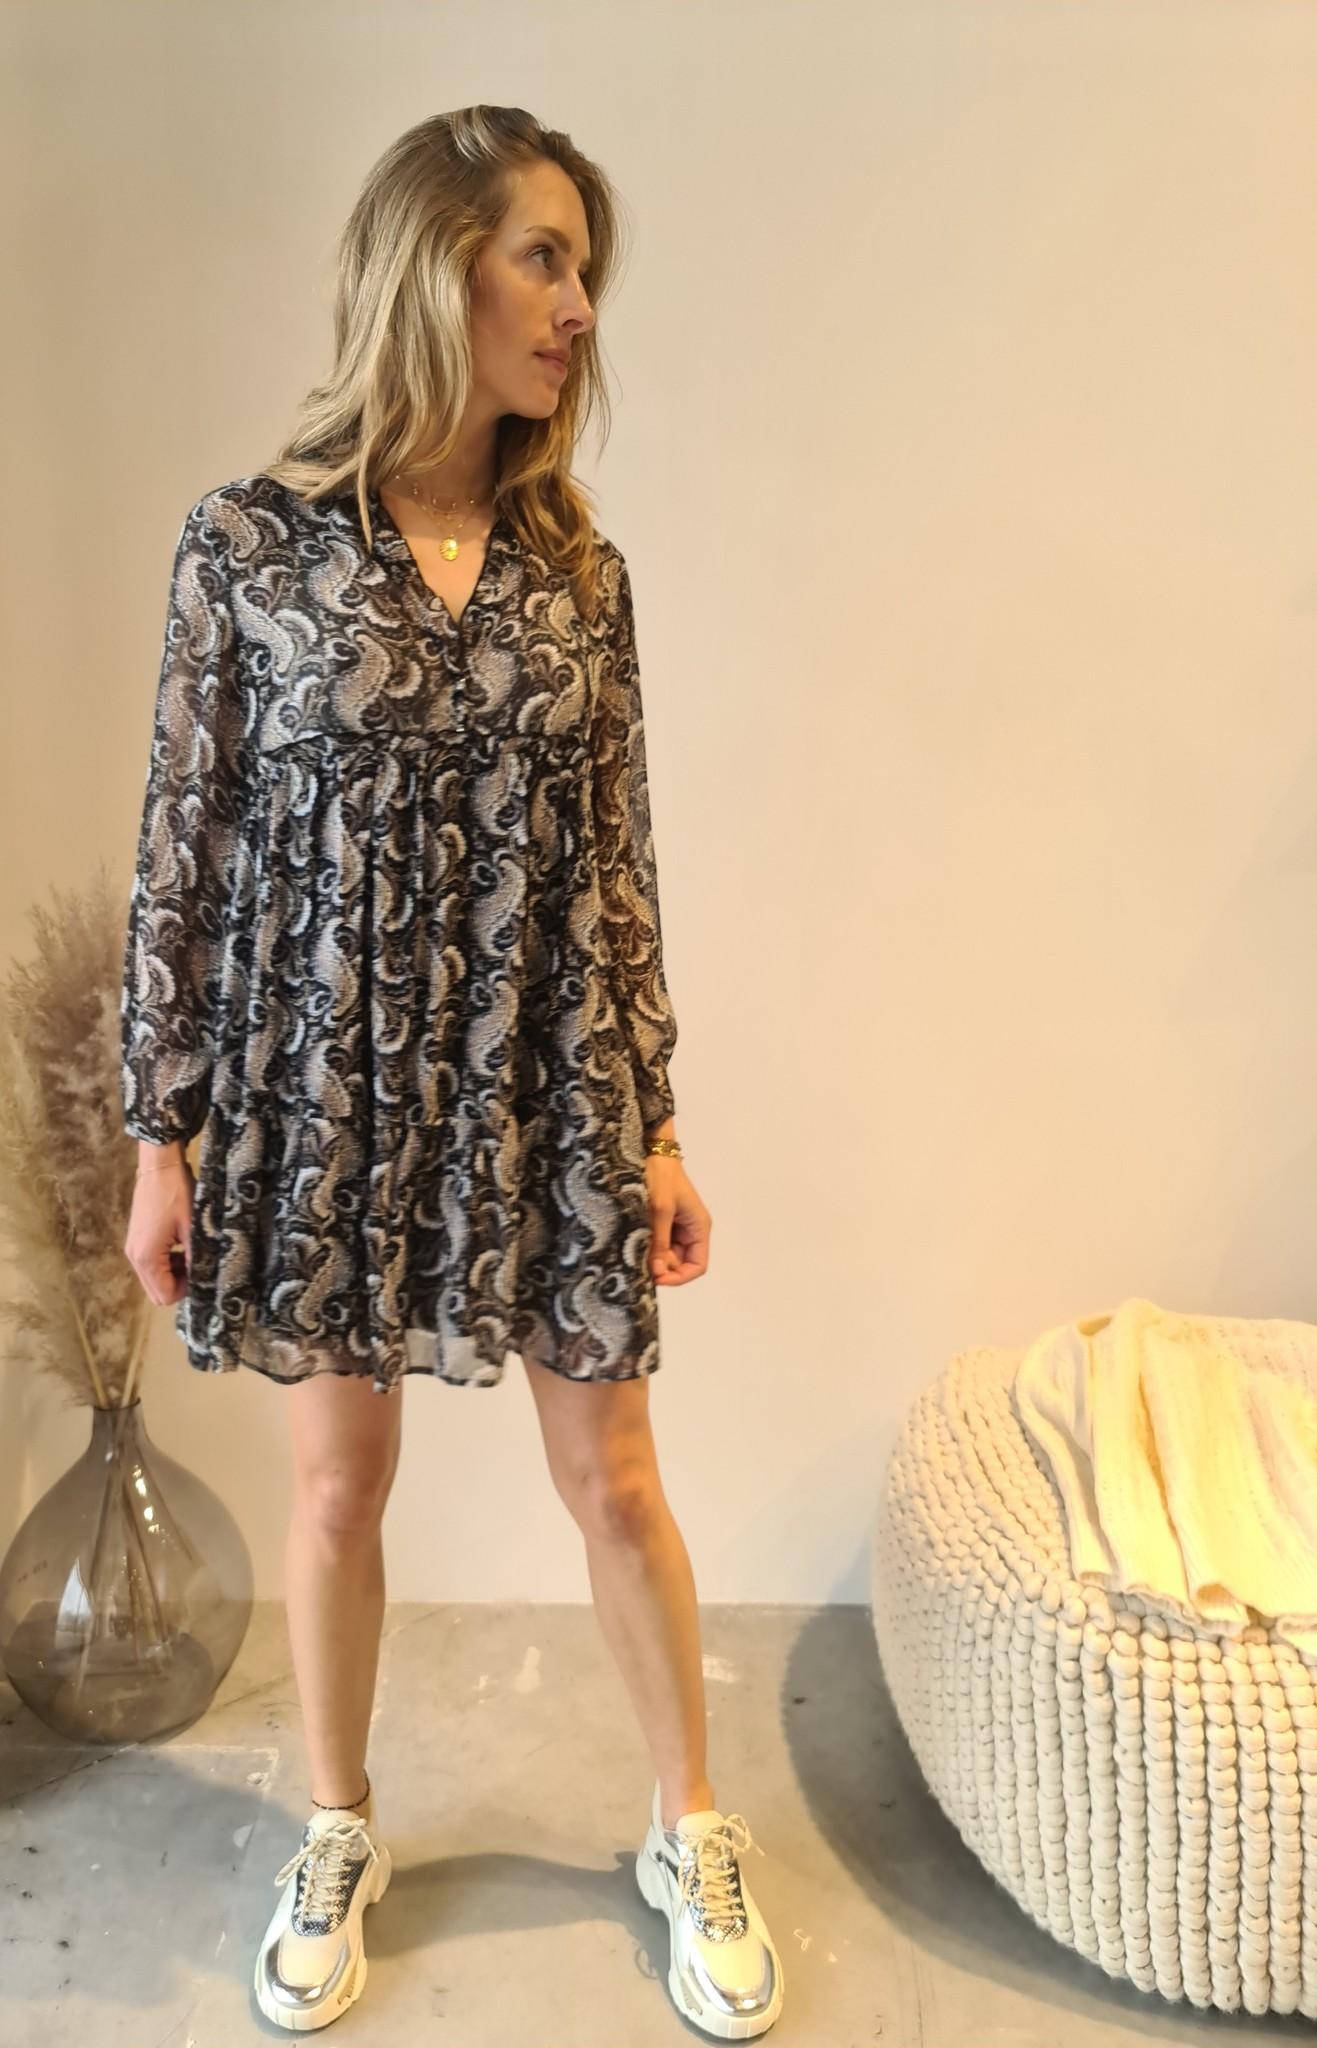 ROMANE robe-4